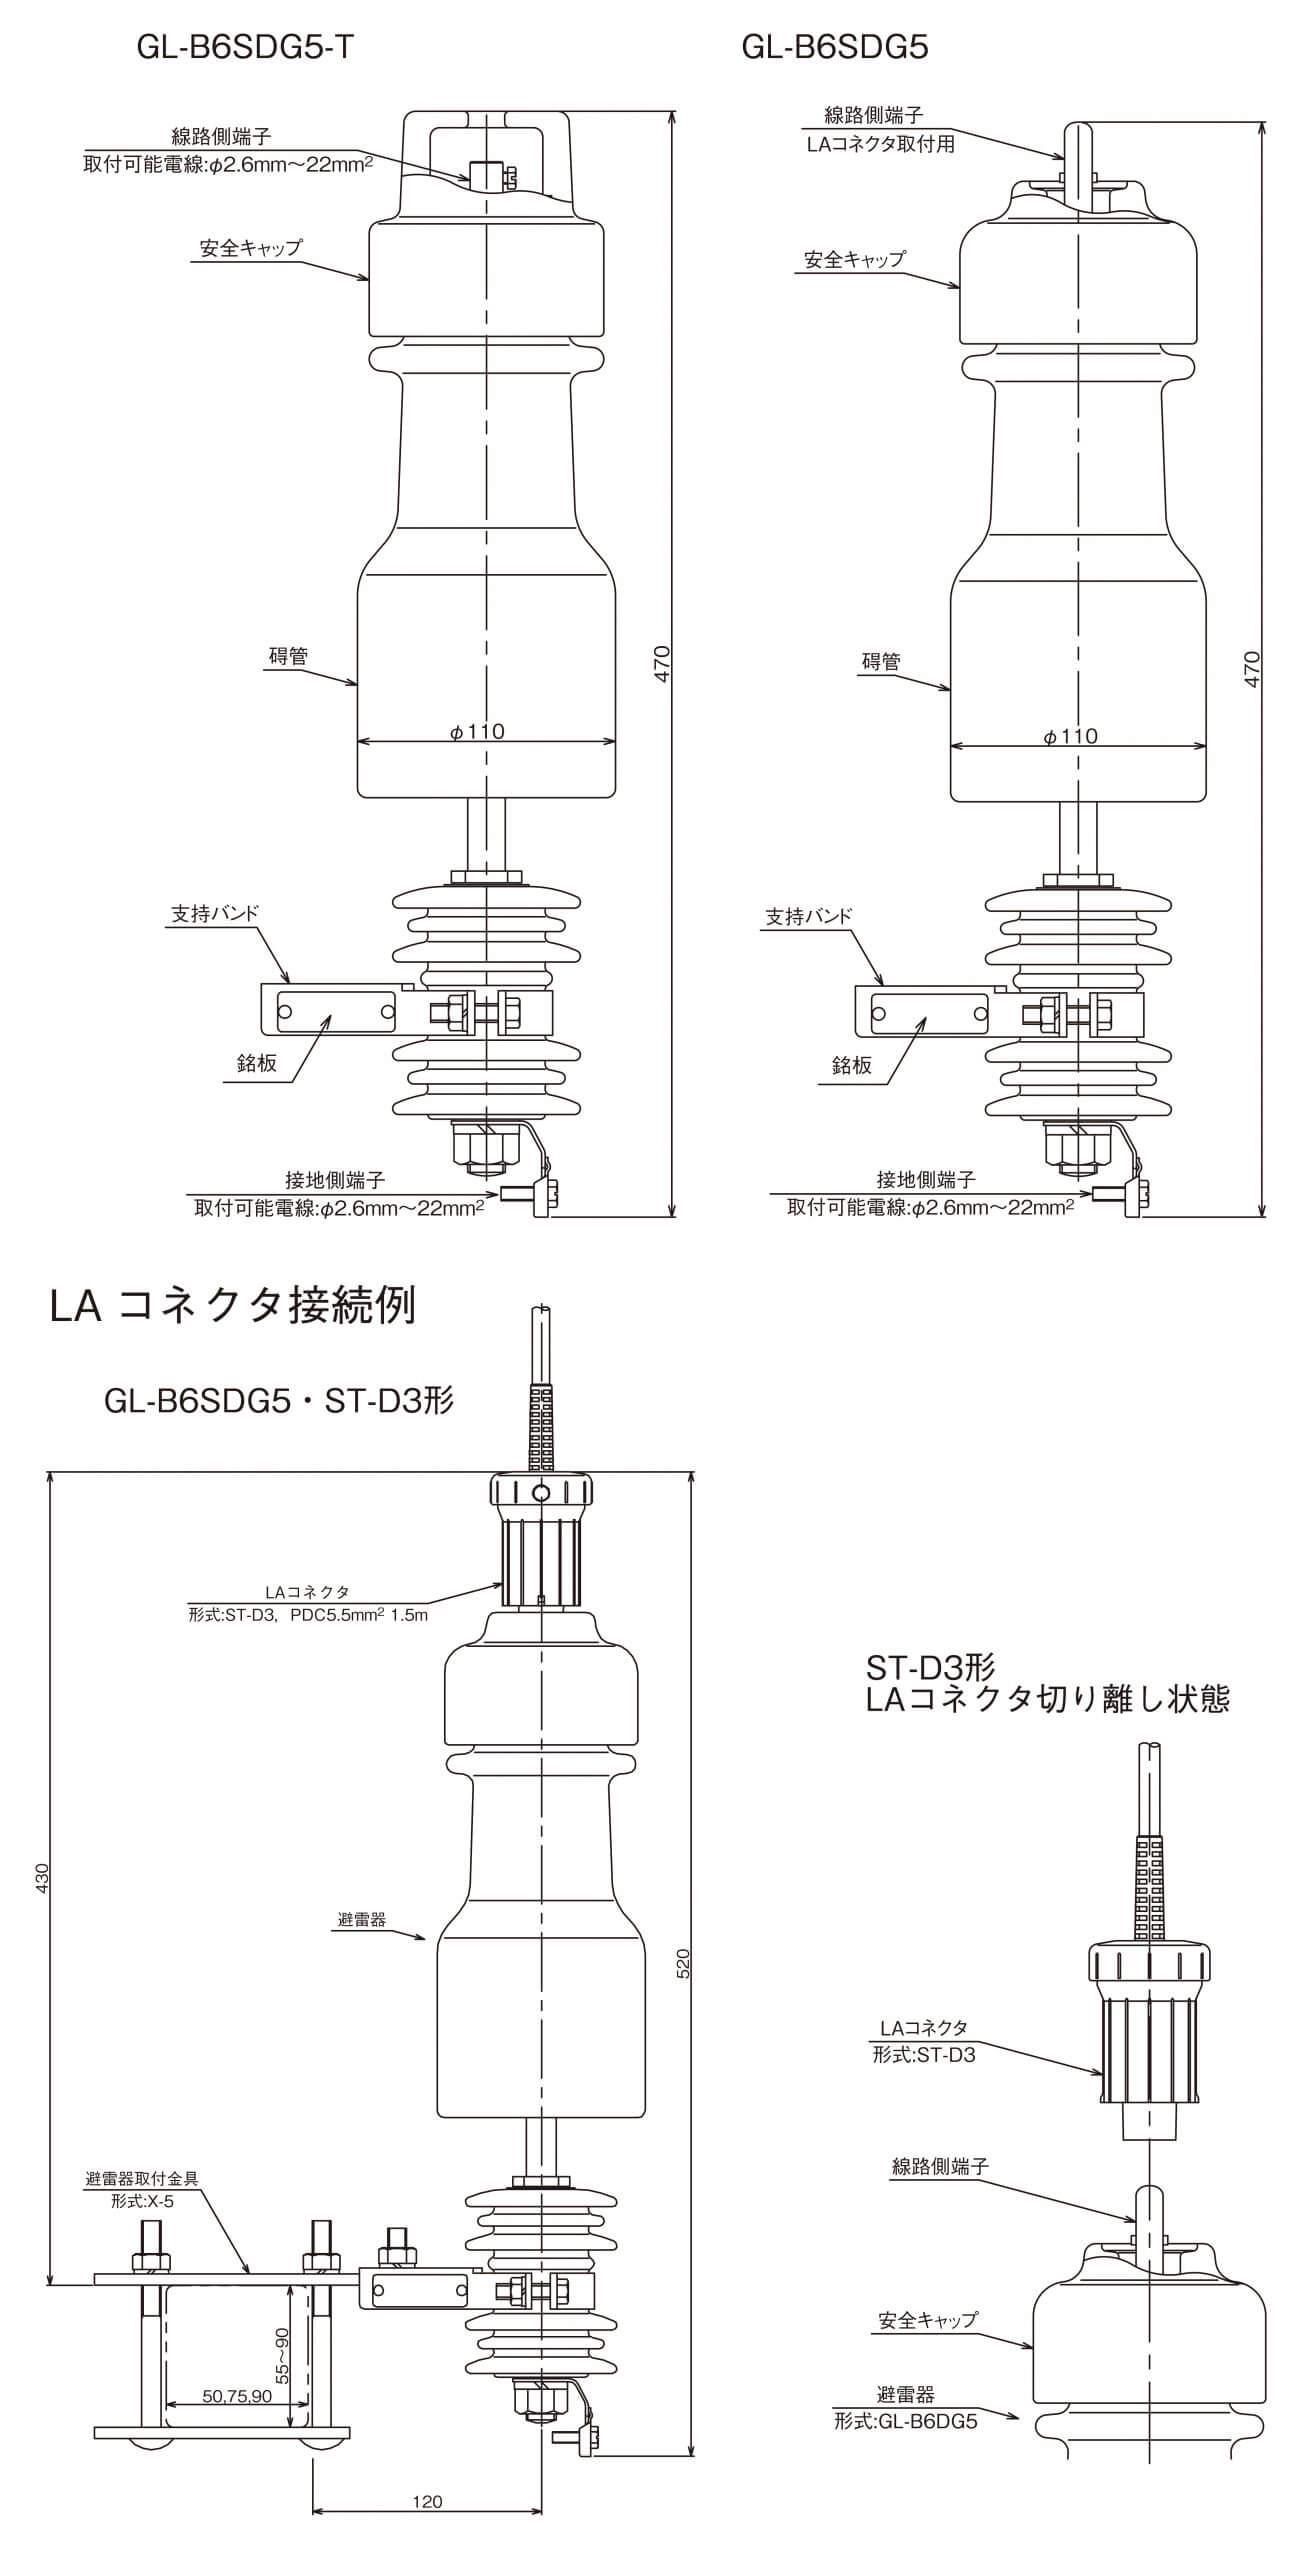 GL-B6SDG5-T, GL-B6SDG5